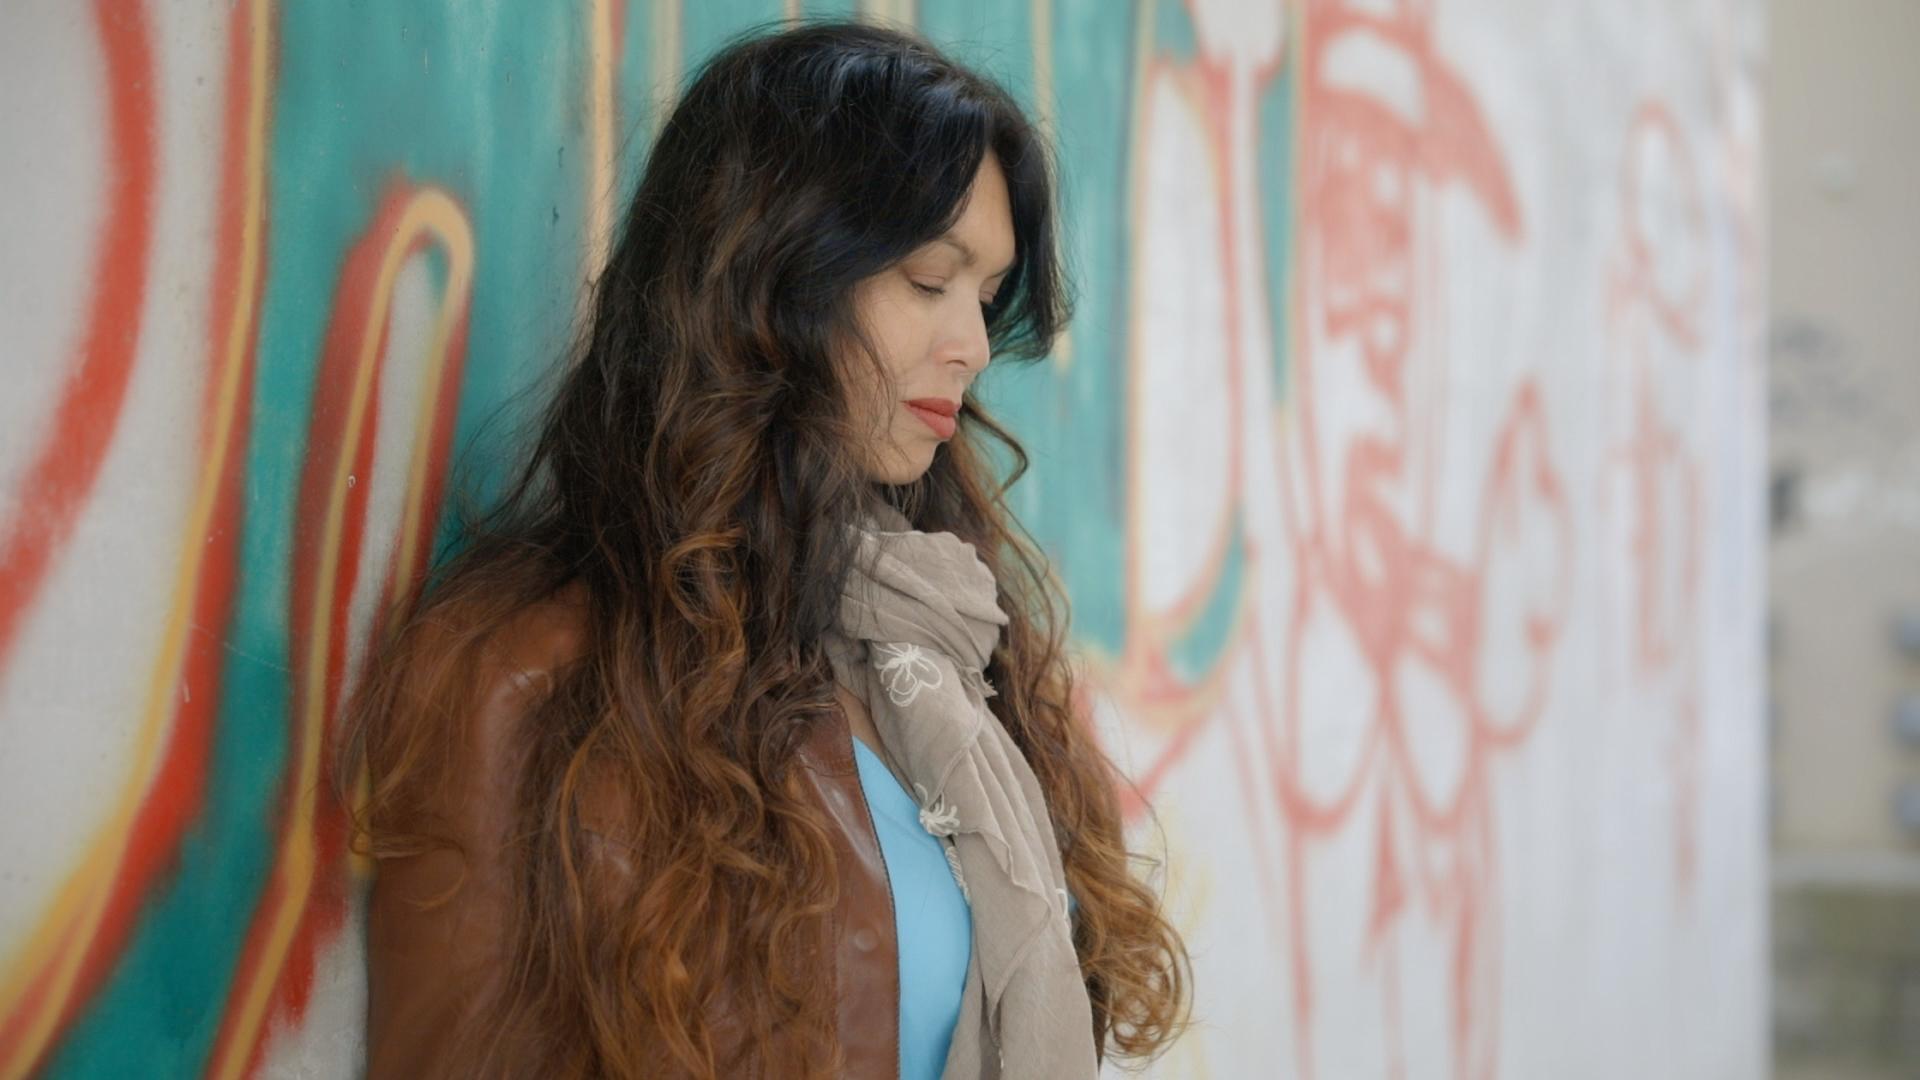 Miranda Melger - Mama - still1_1.1.1